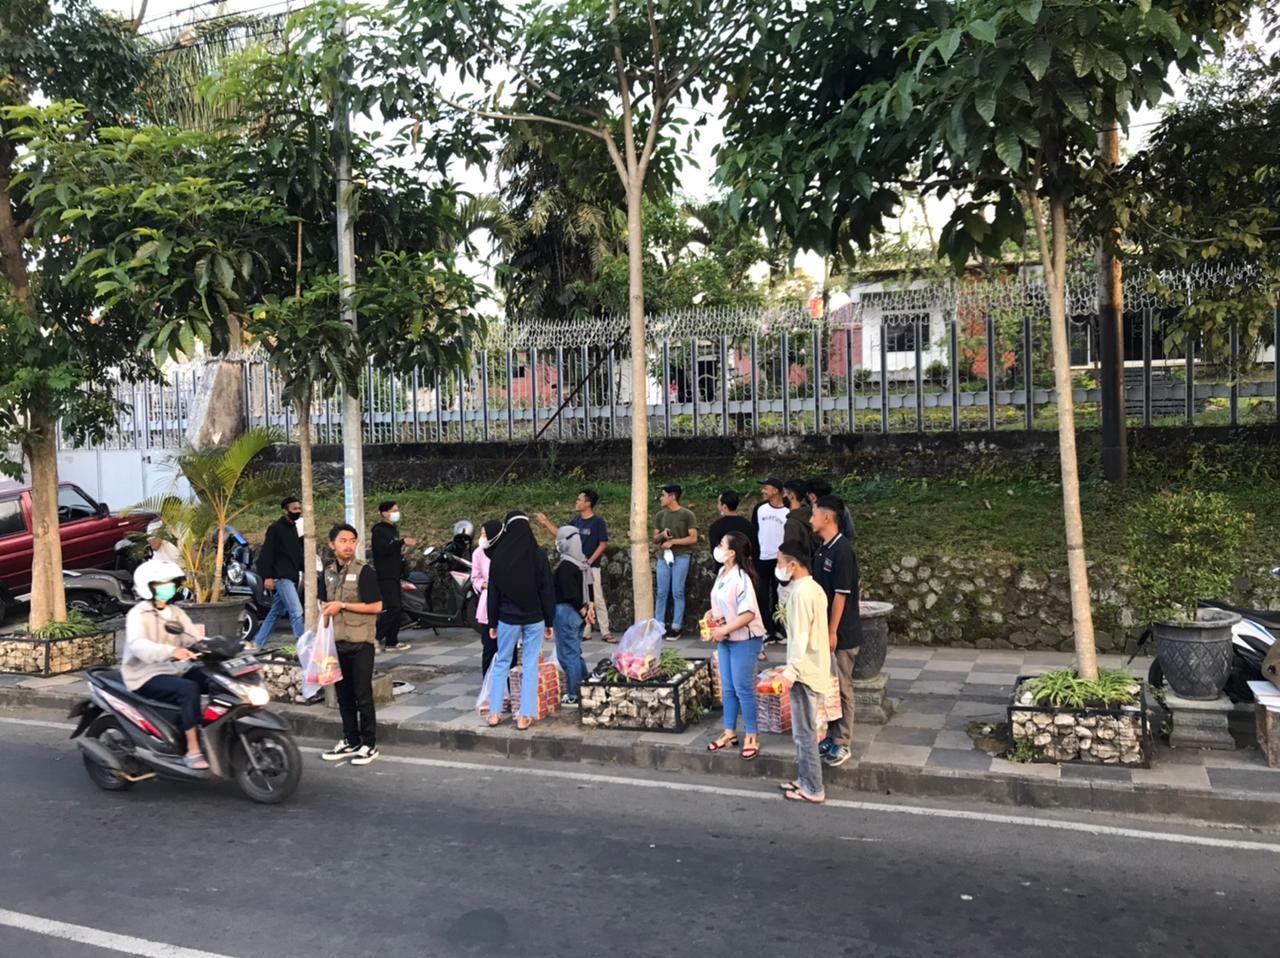 Mencari Berkah Ramadhan, Alumni Siswa Skariga (SMK PGRI 3 Malang) Berbagi Takjil di Kota Batu